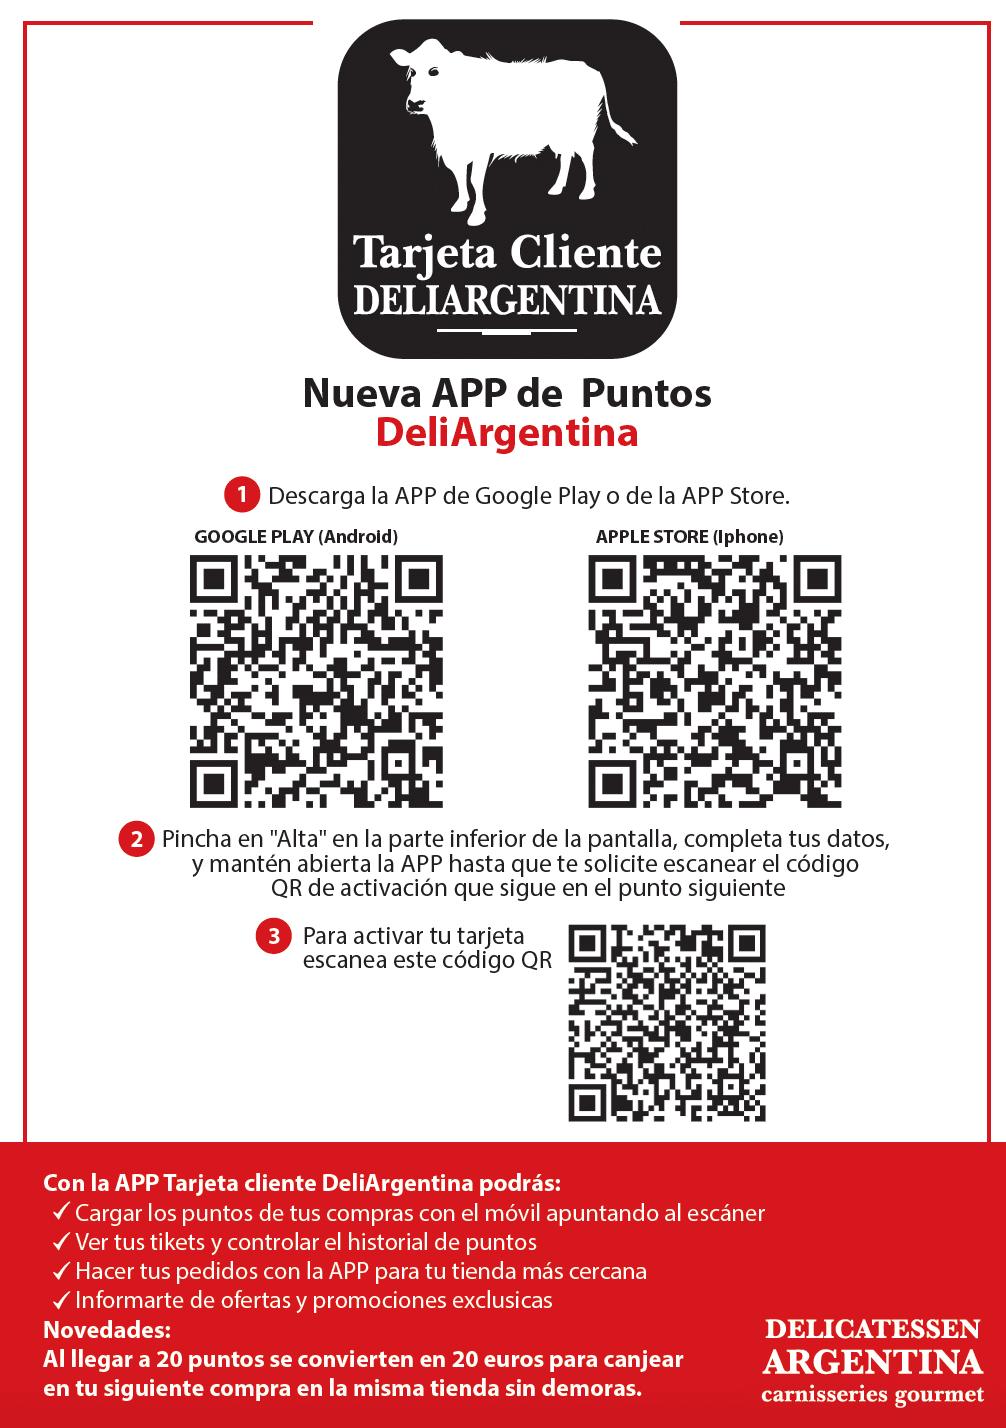 APP Tarjeta Cliente Deliargentina